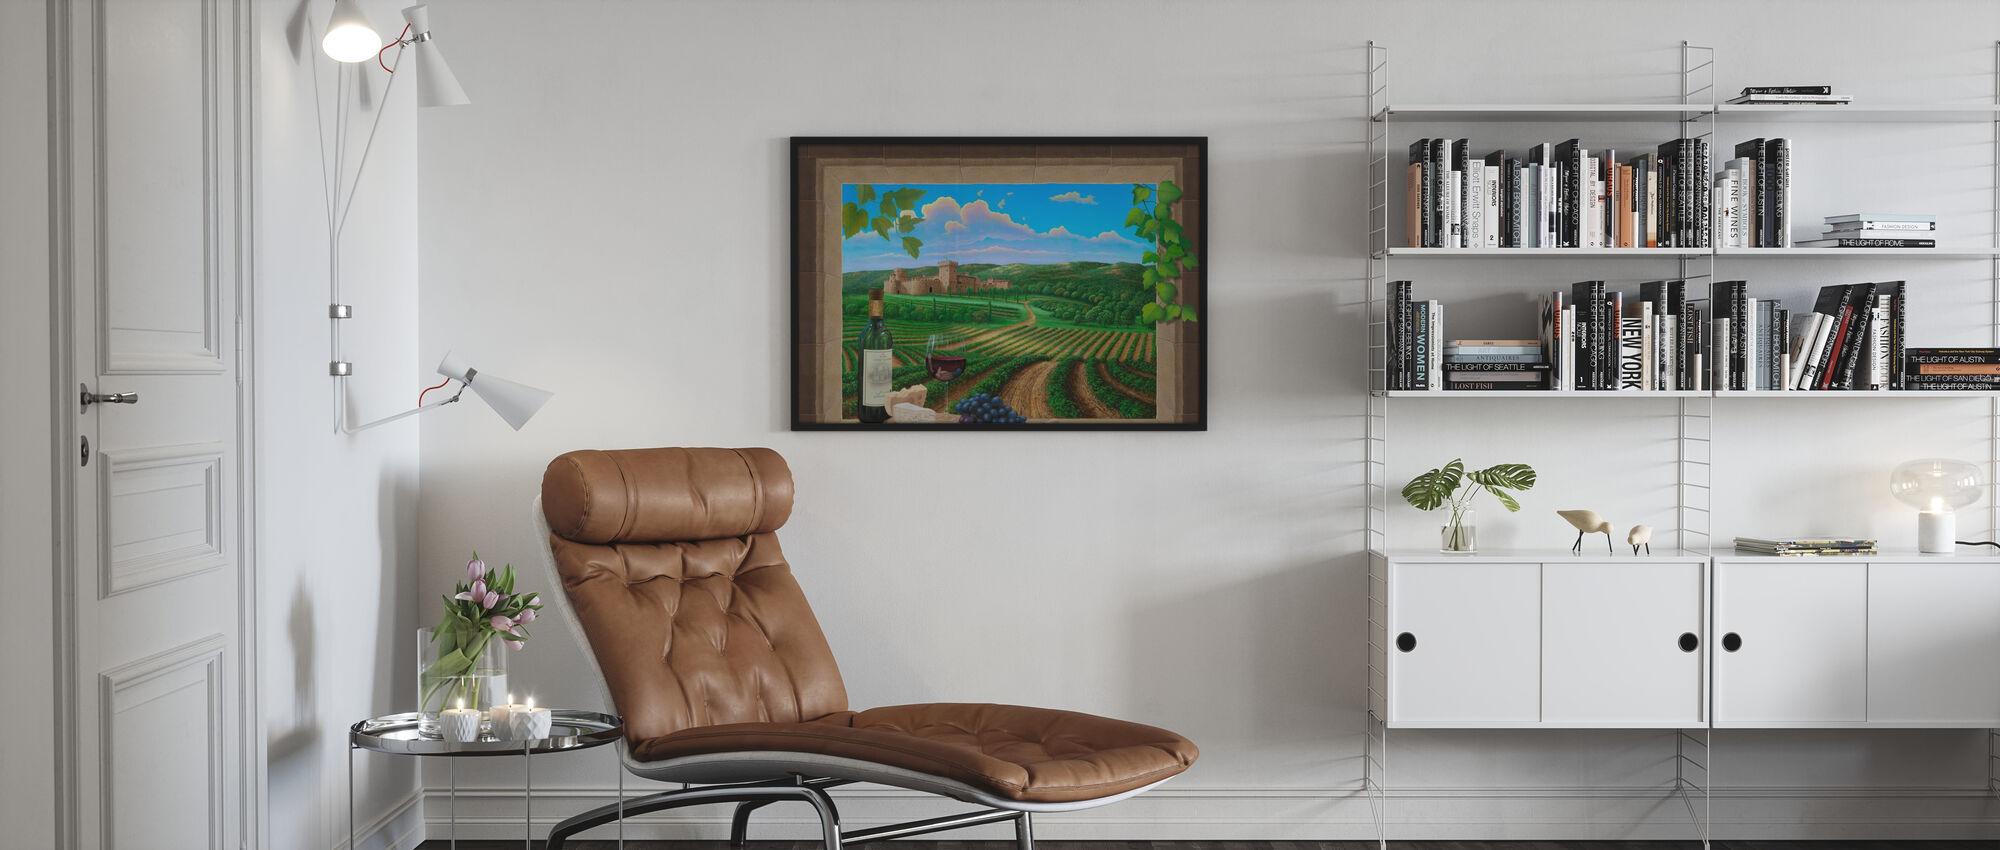 Elämä on hyvää - Kehystetty kuva - Olohuone